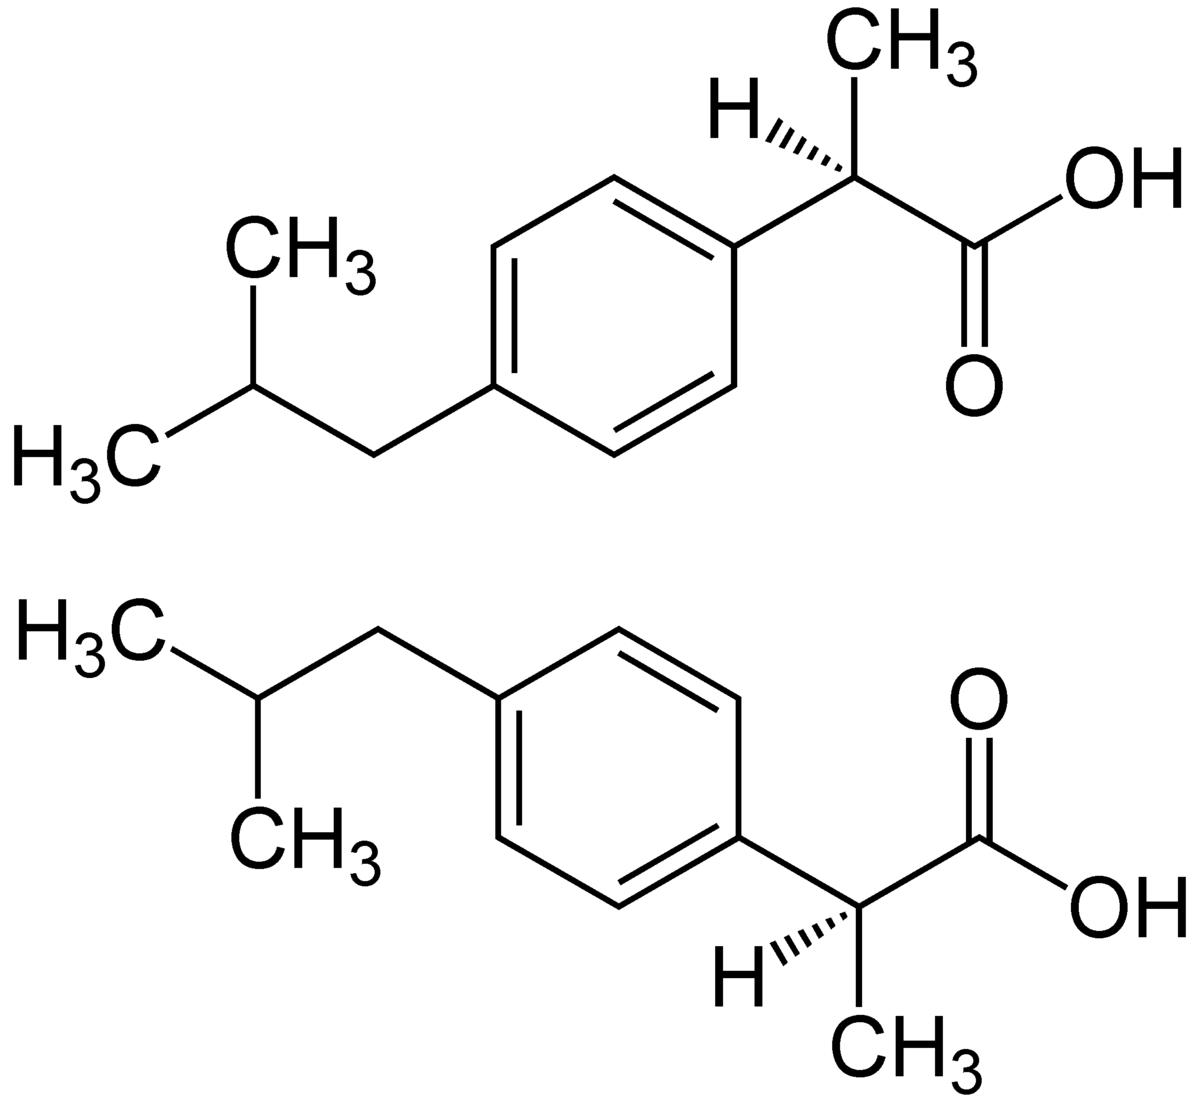 と ロキソプロフェン 効く が ロキソニン どっち